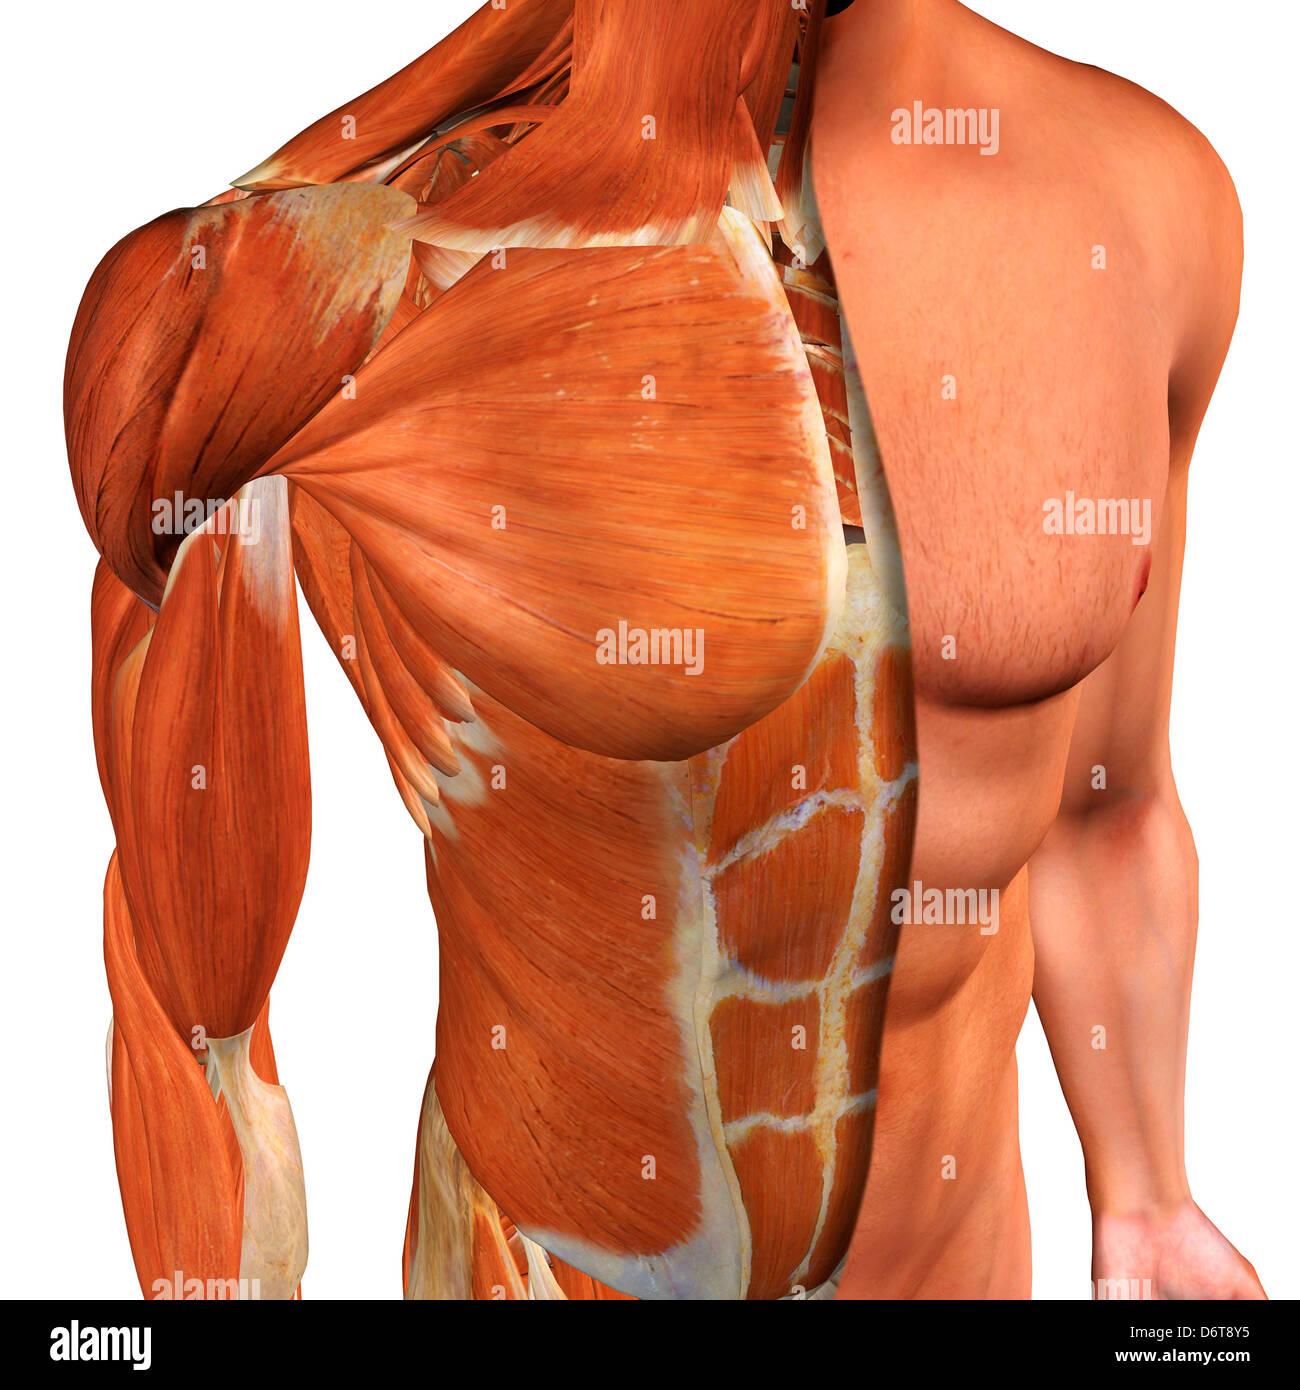 Increíble Diagrama De Músculos De La Ingle Ideas - Anatomía de Las ...